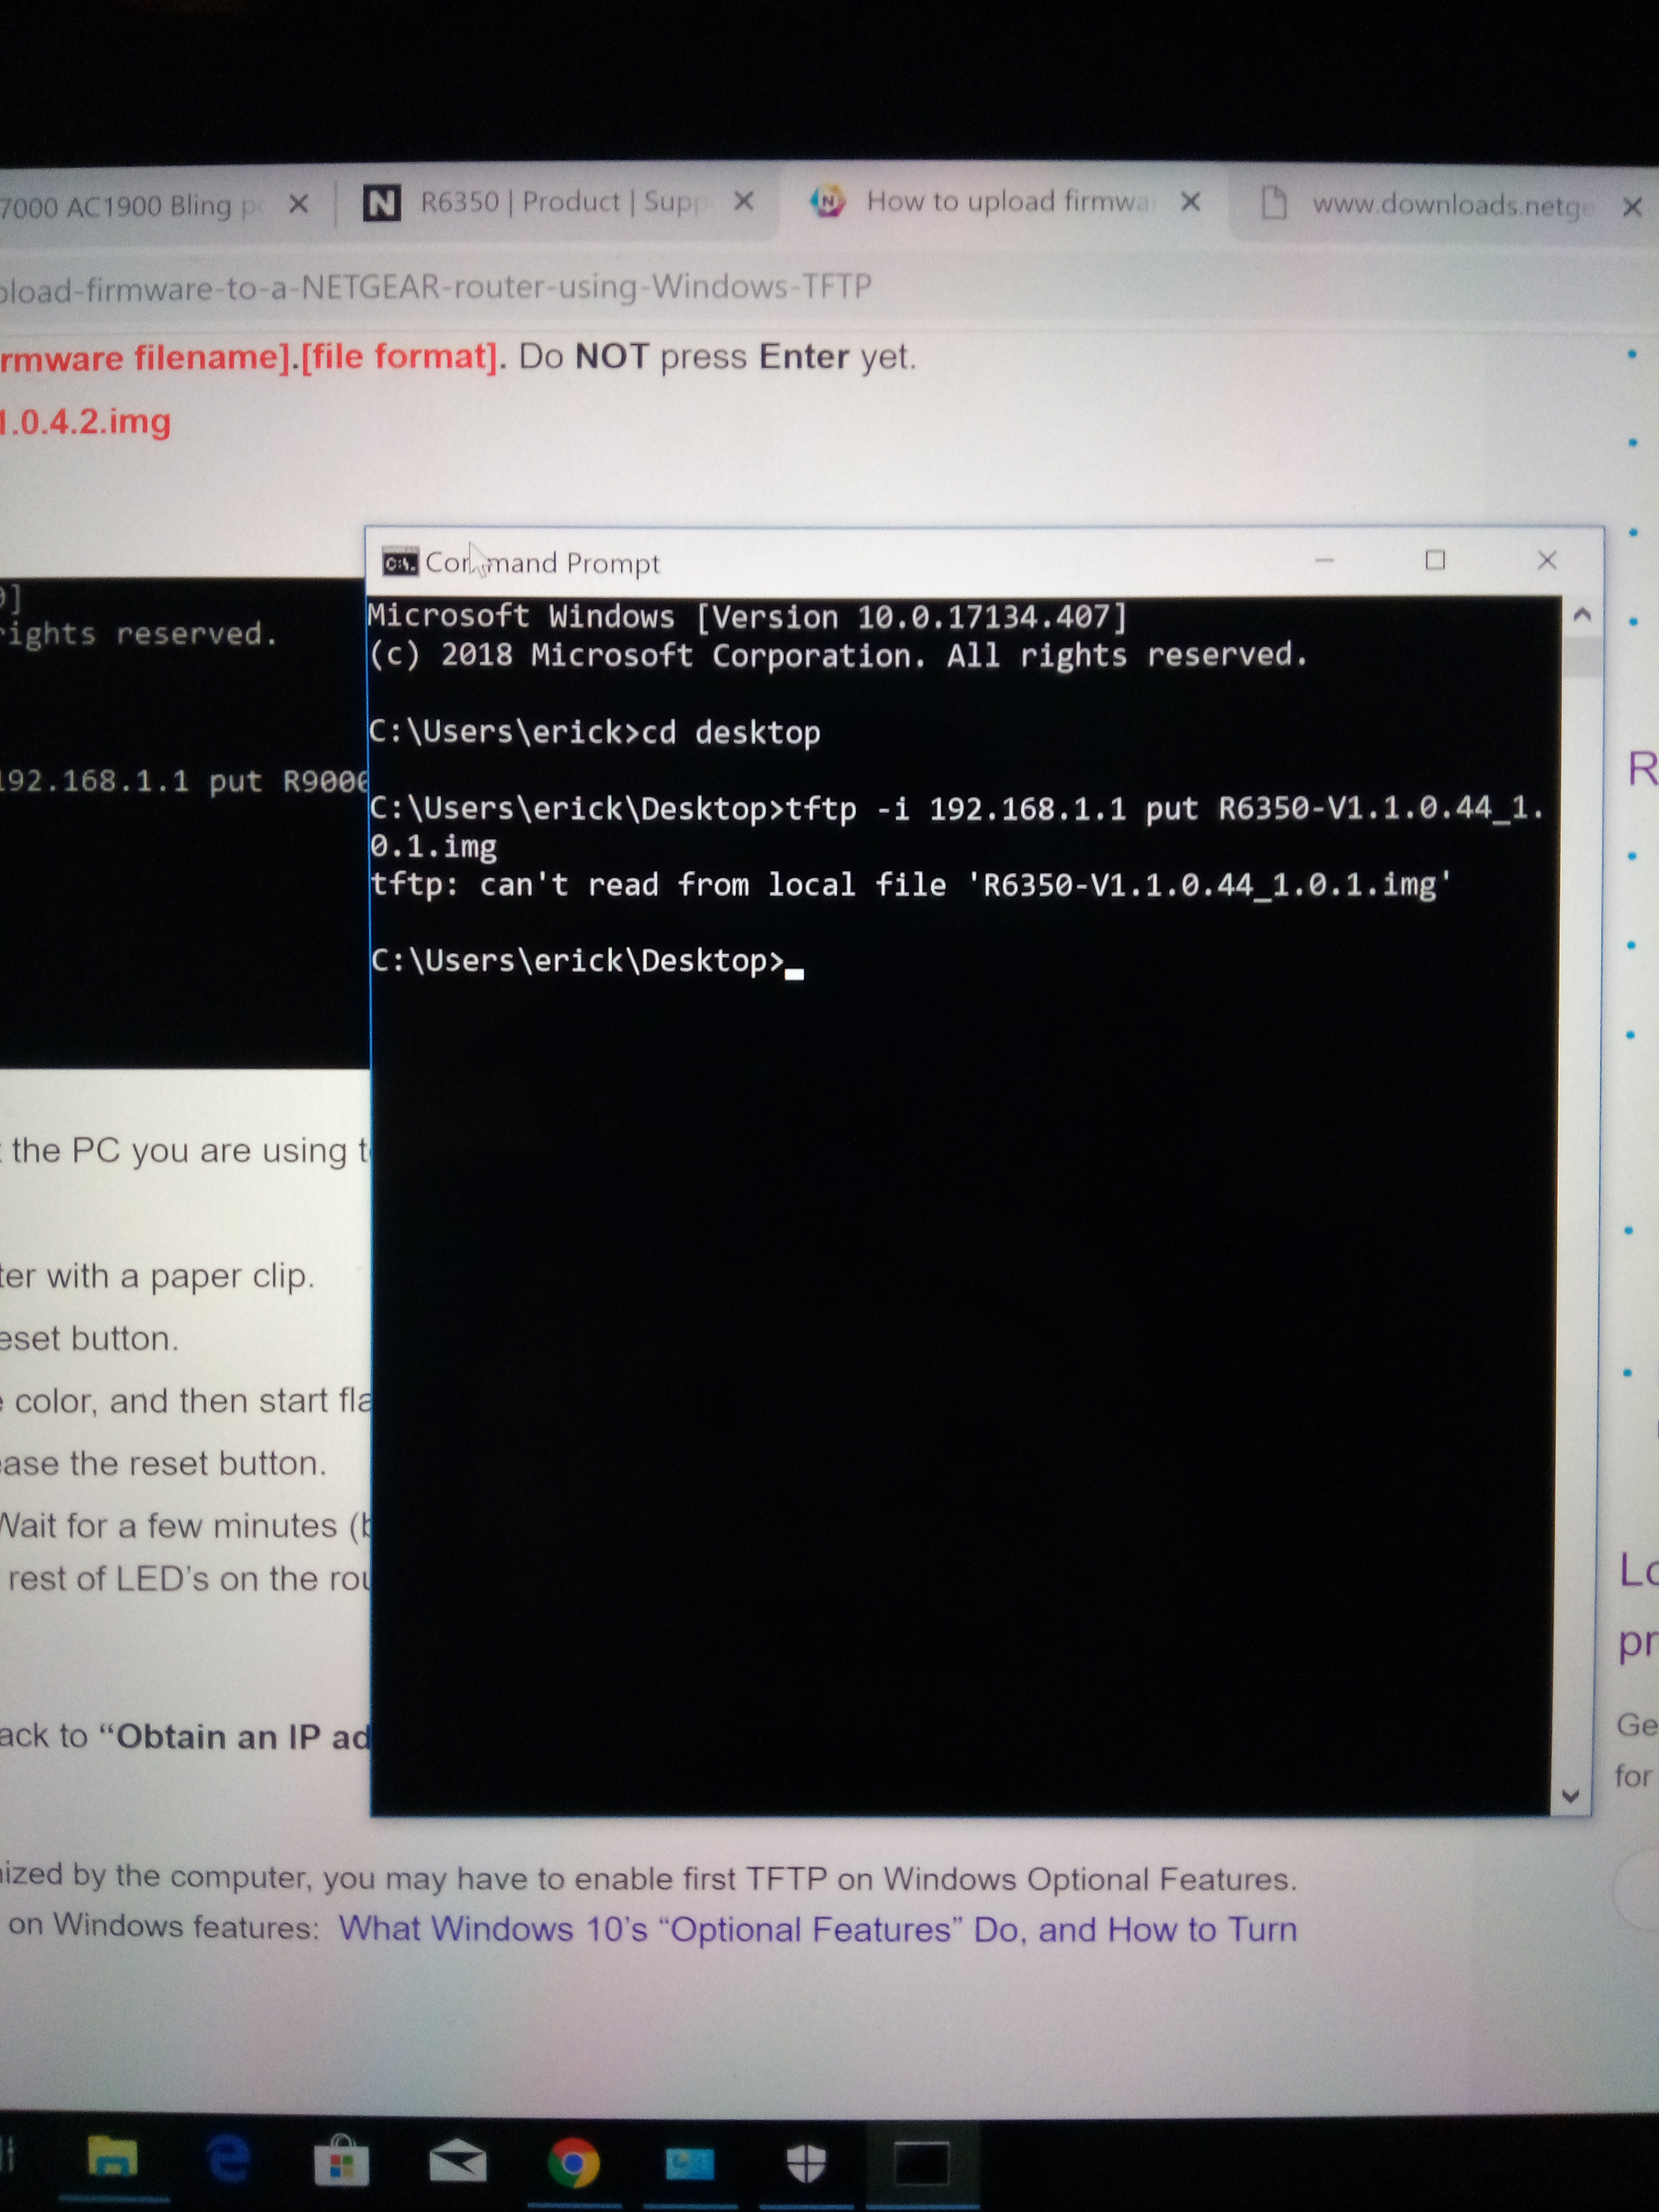 Re: Firmware Update Failure for R6350 AC1750 - NETGEAR